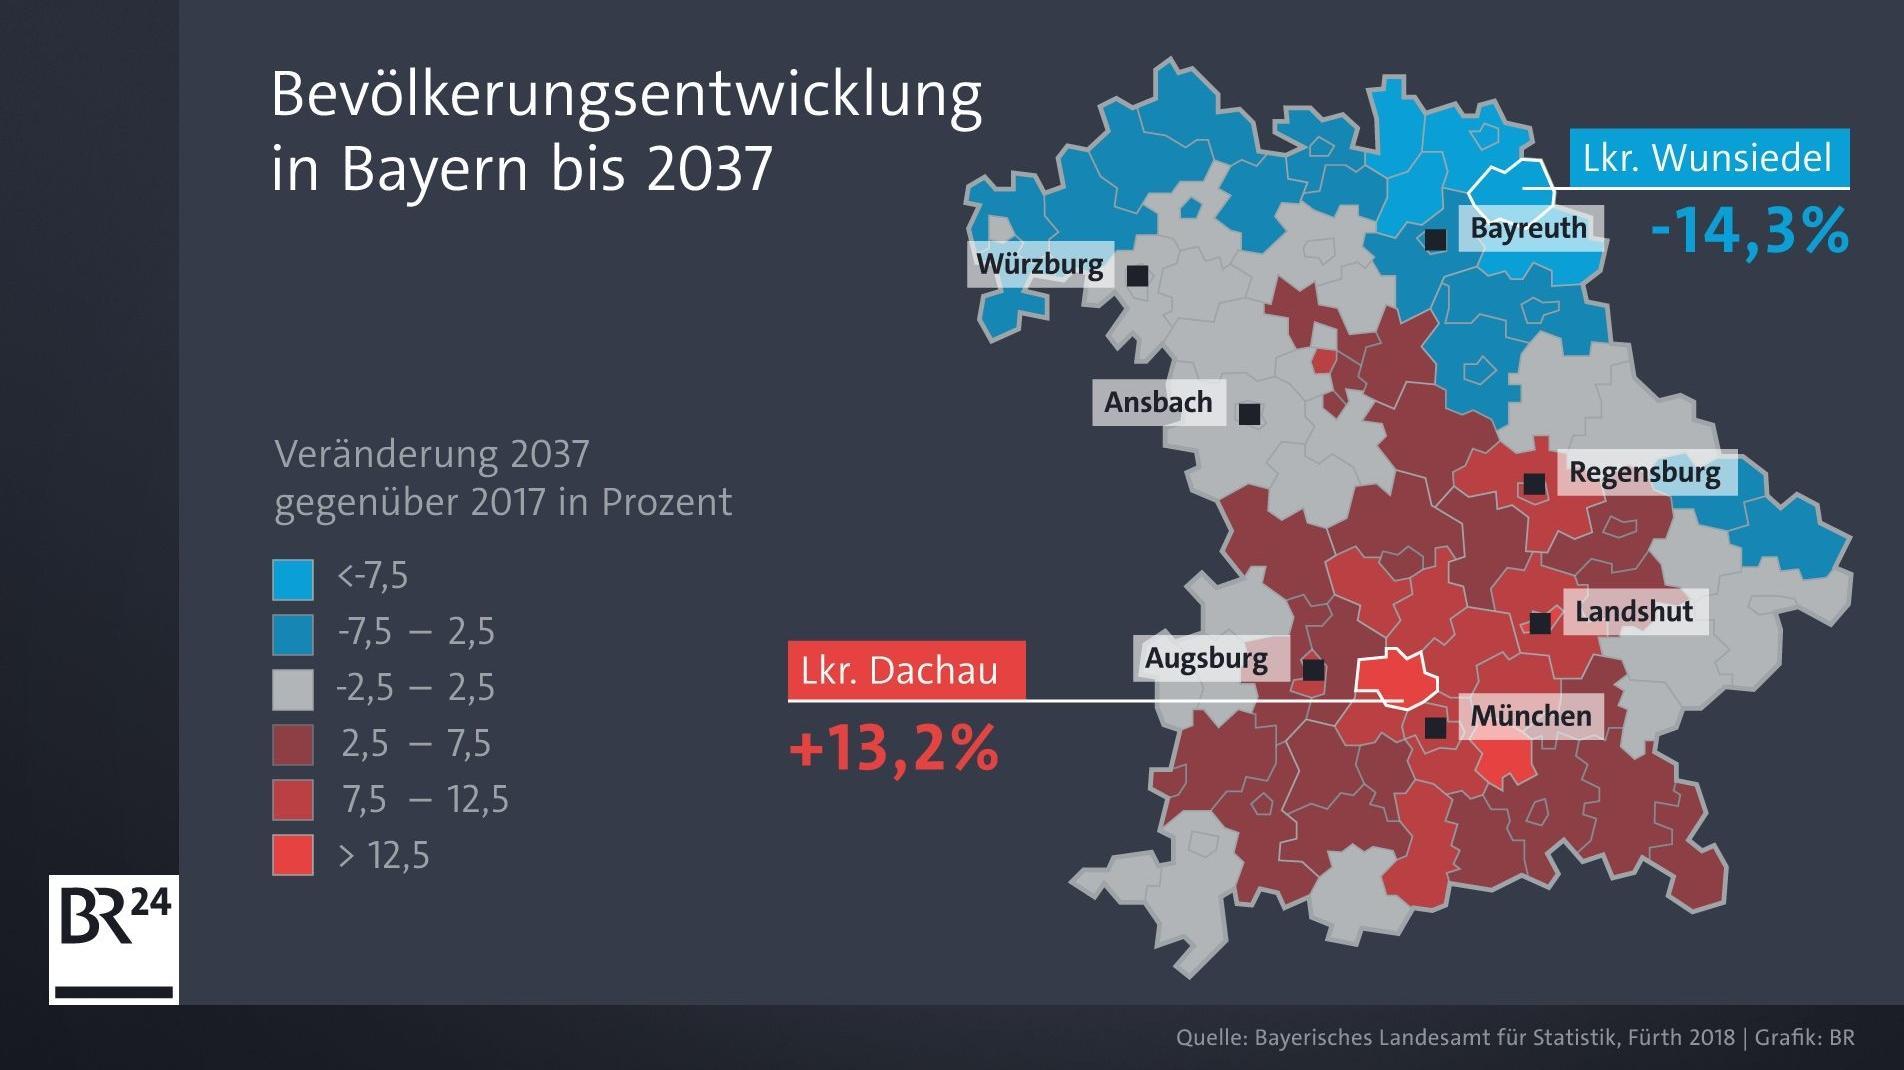 Die Bevölkerungsentwicklung in Bayern bis 2037